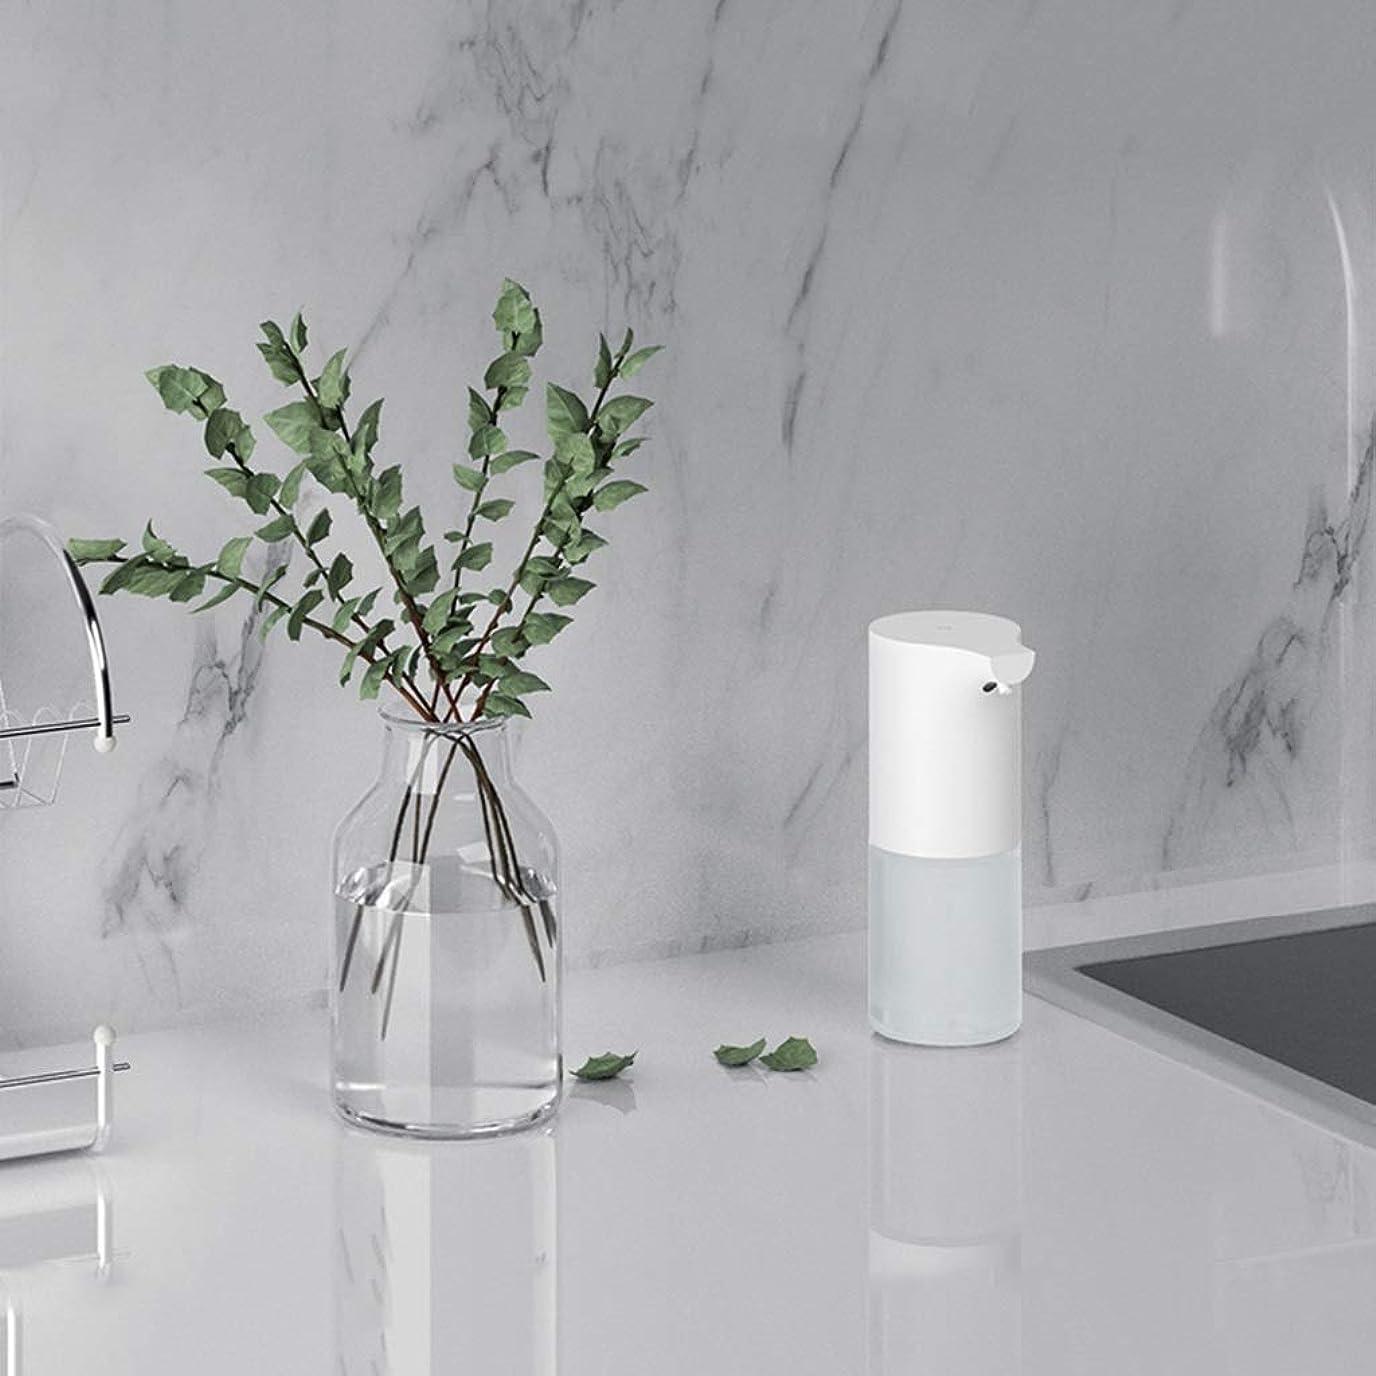 書士カイウスバンド赤外線センサー泡手消毒剤320ミリリットル環境保護素材石鹸ボトルキッチンバスルームローション(色:白、サイズ:19 * 9.8 * 7.3 cm) (Color : White, Size : 19*9.8*7.3cm)